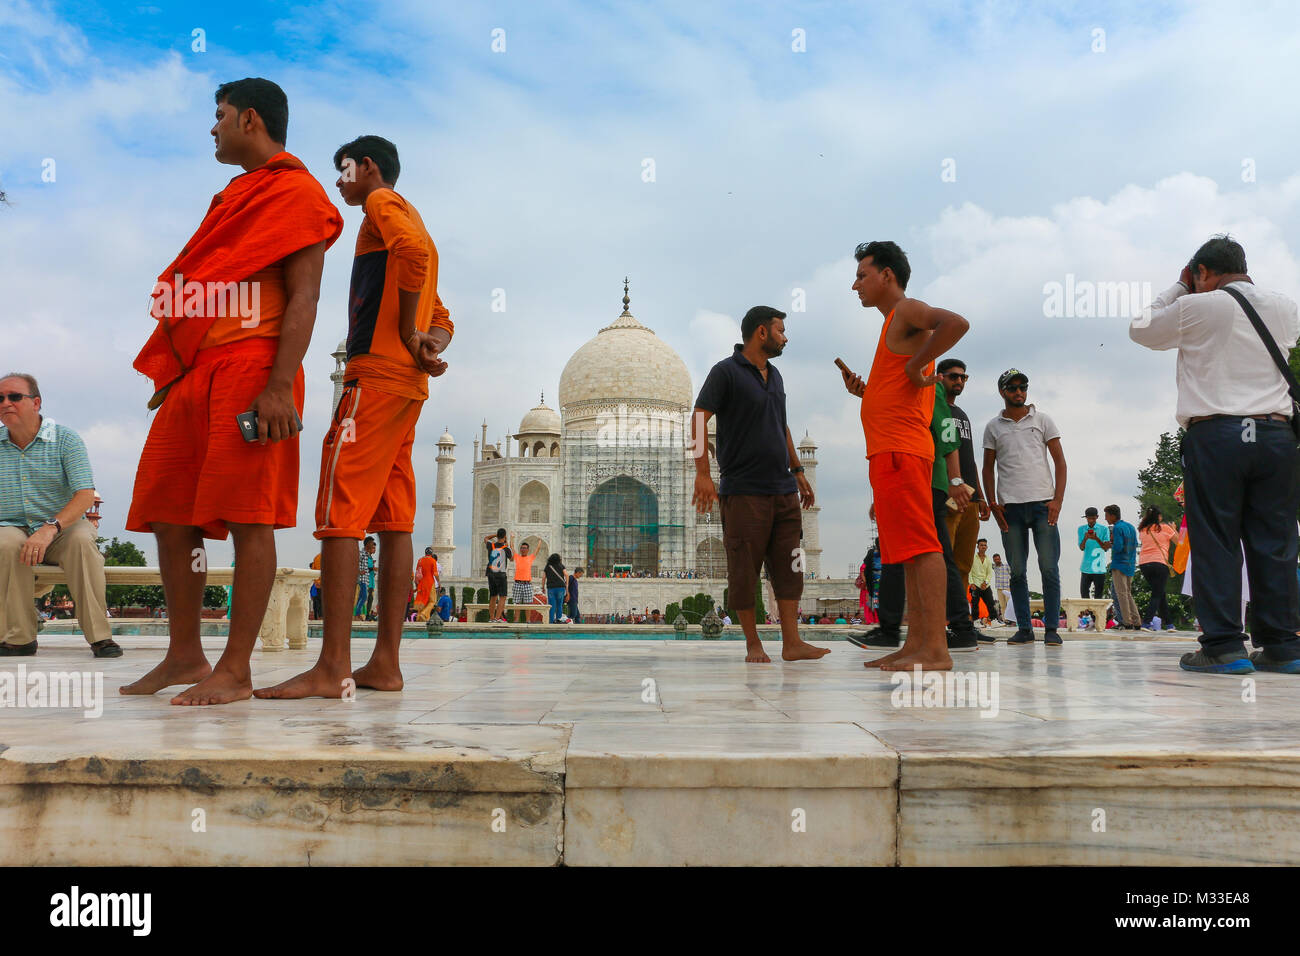 Taj Mahal Palace, Agra, Uttar Pradesh, India - Stock Image